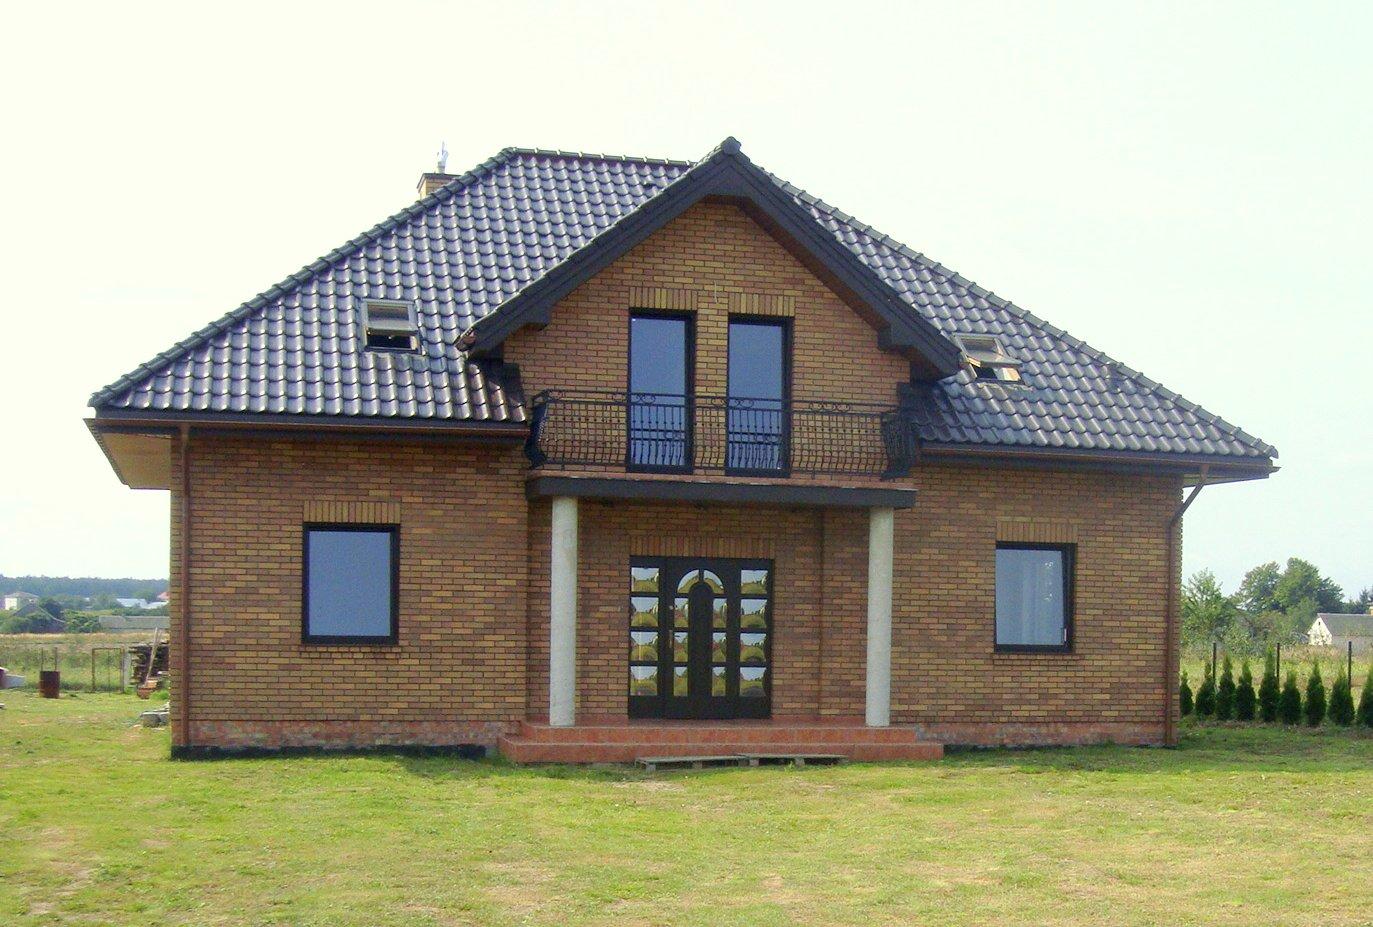 projekt-domu-filip-fot-10-1374839500-mv7mrftw.jpg